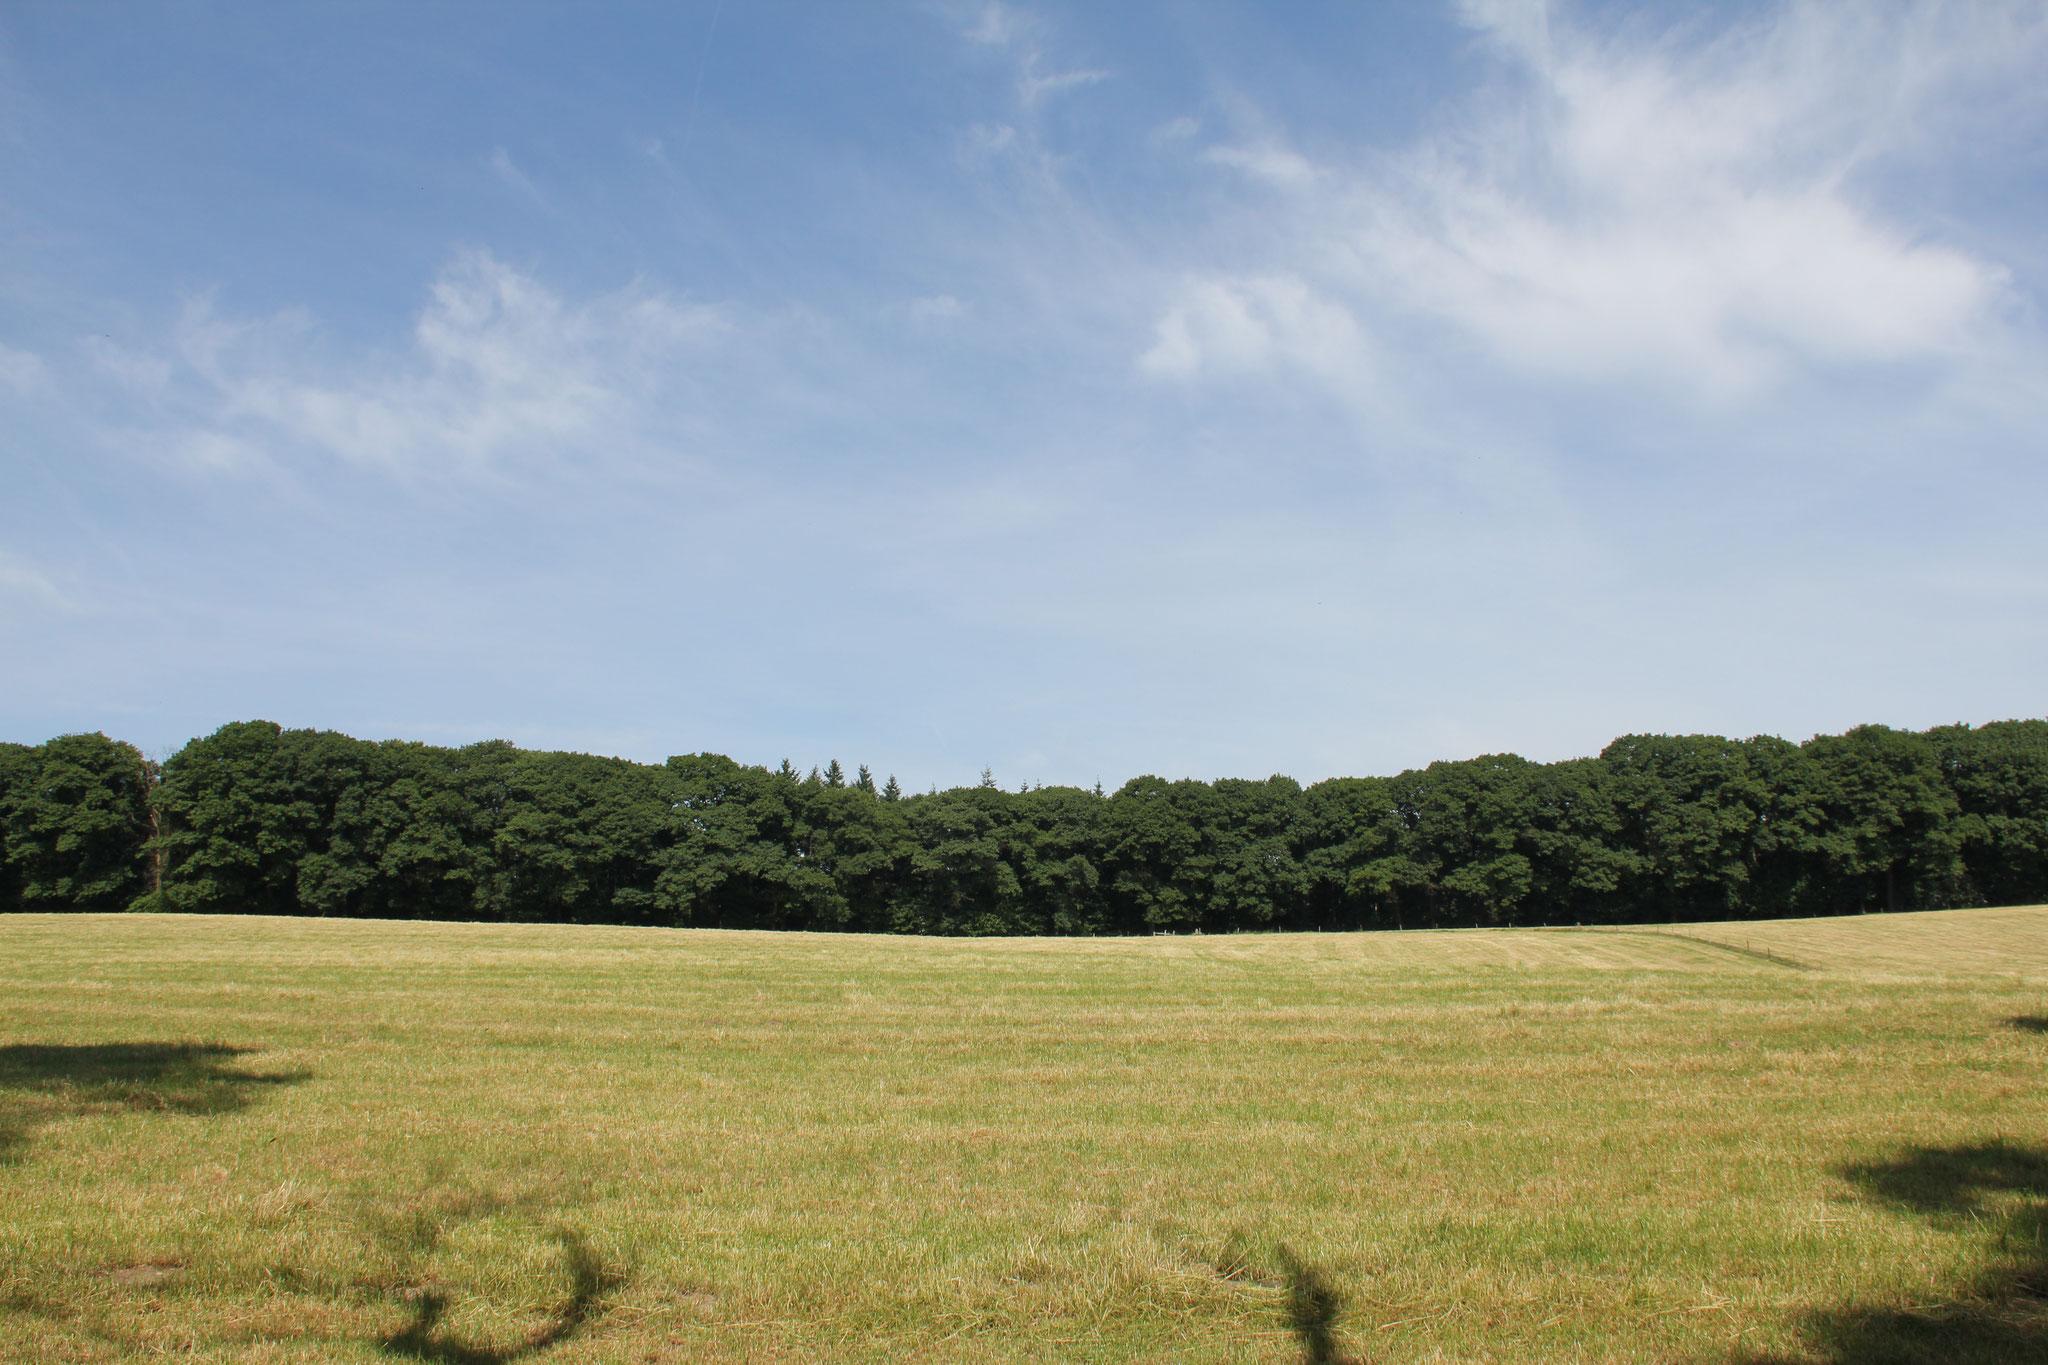 Zicht op de bosrand waarop het hoofdhuis was geprojecteerd, gezien vanuit het dal.